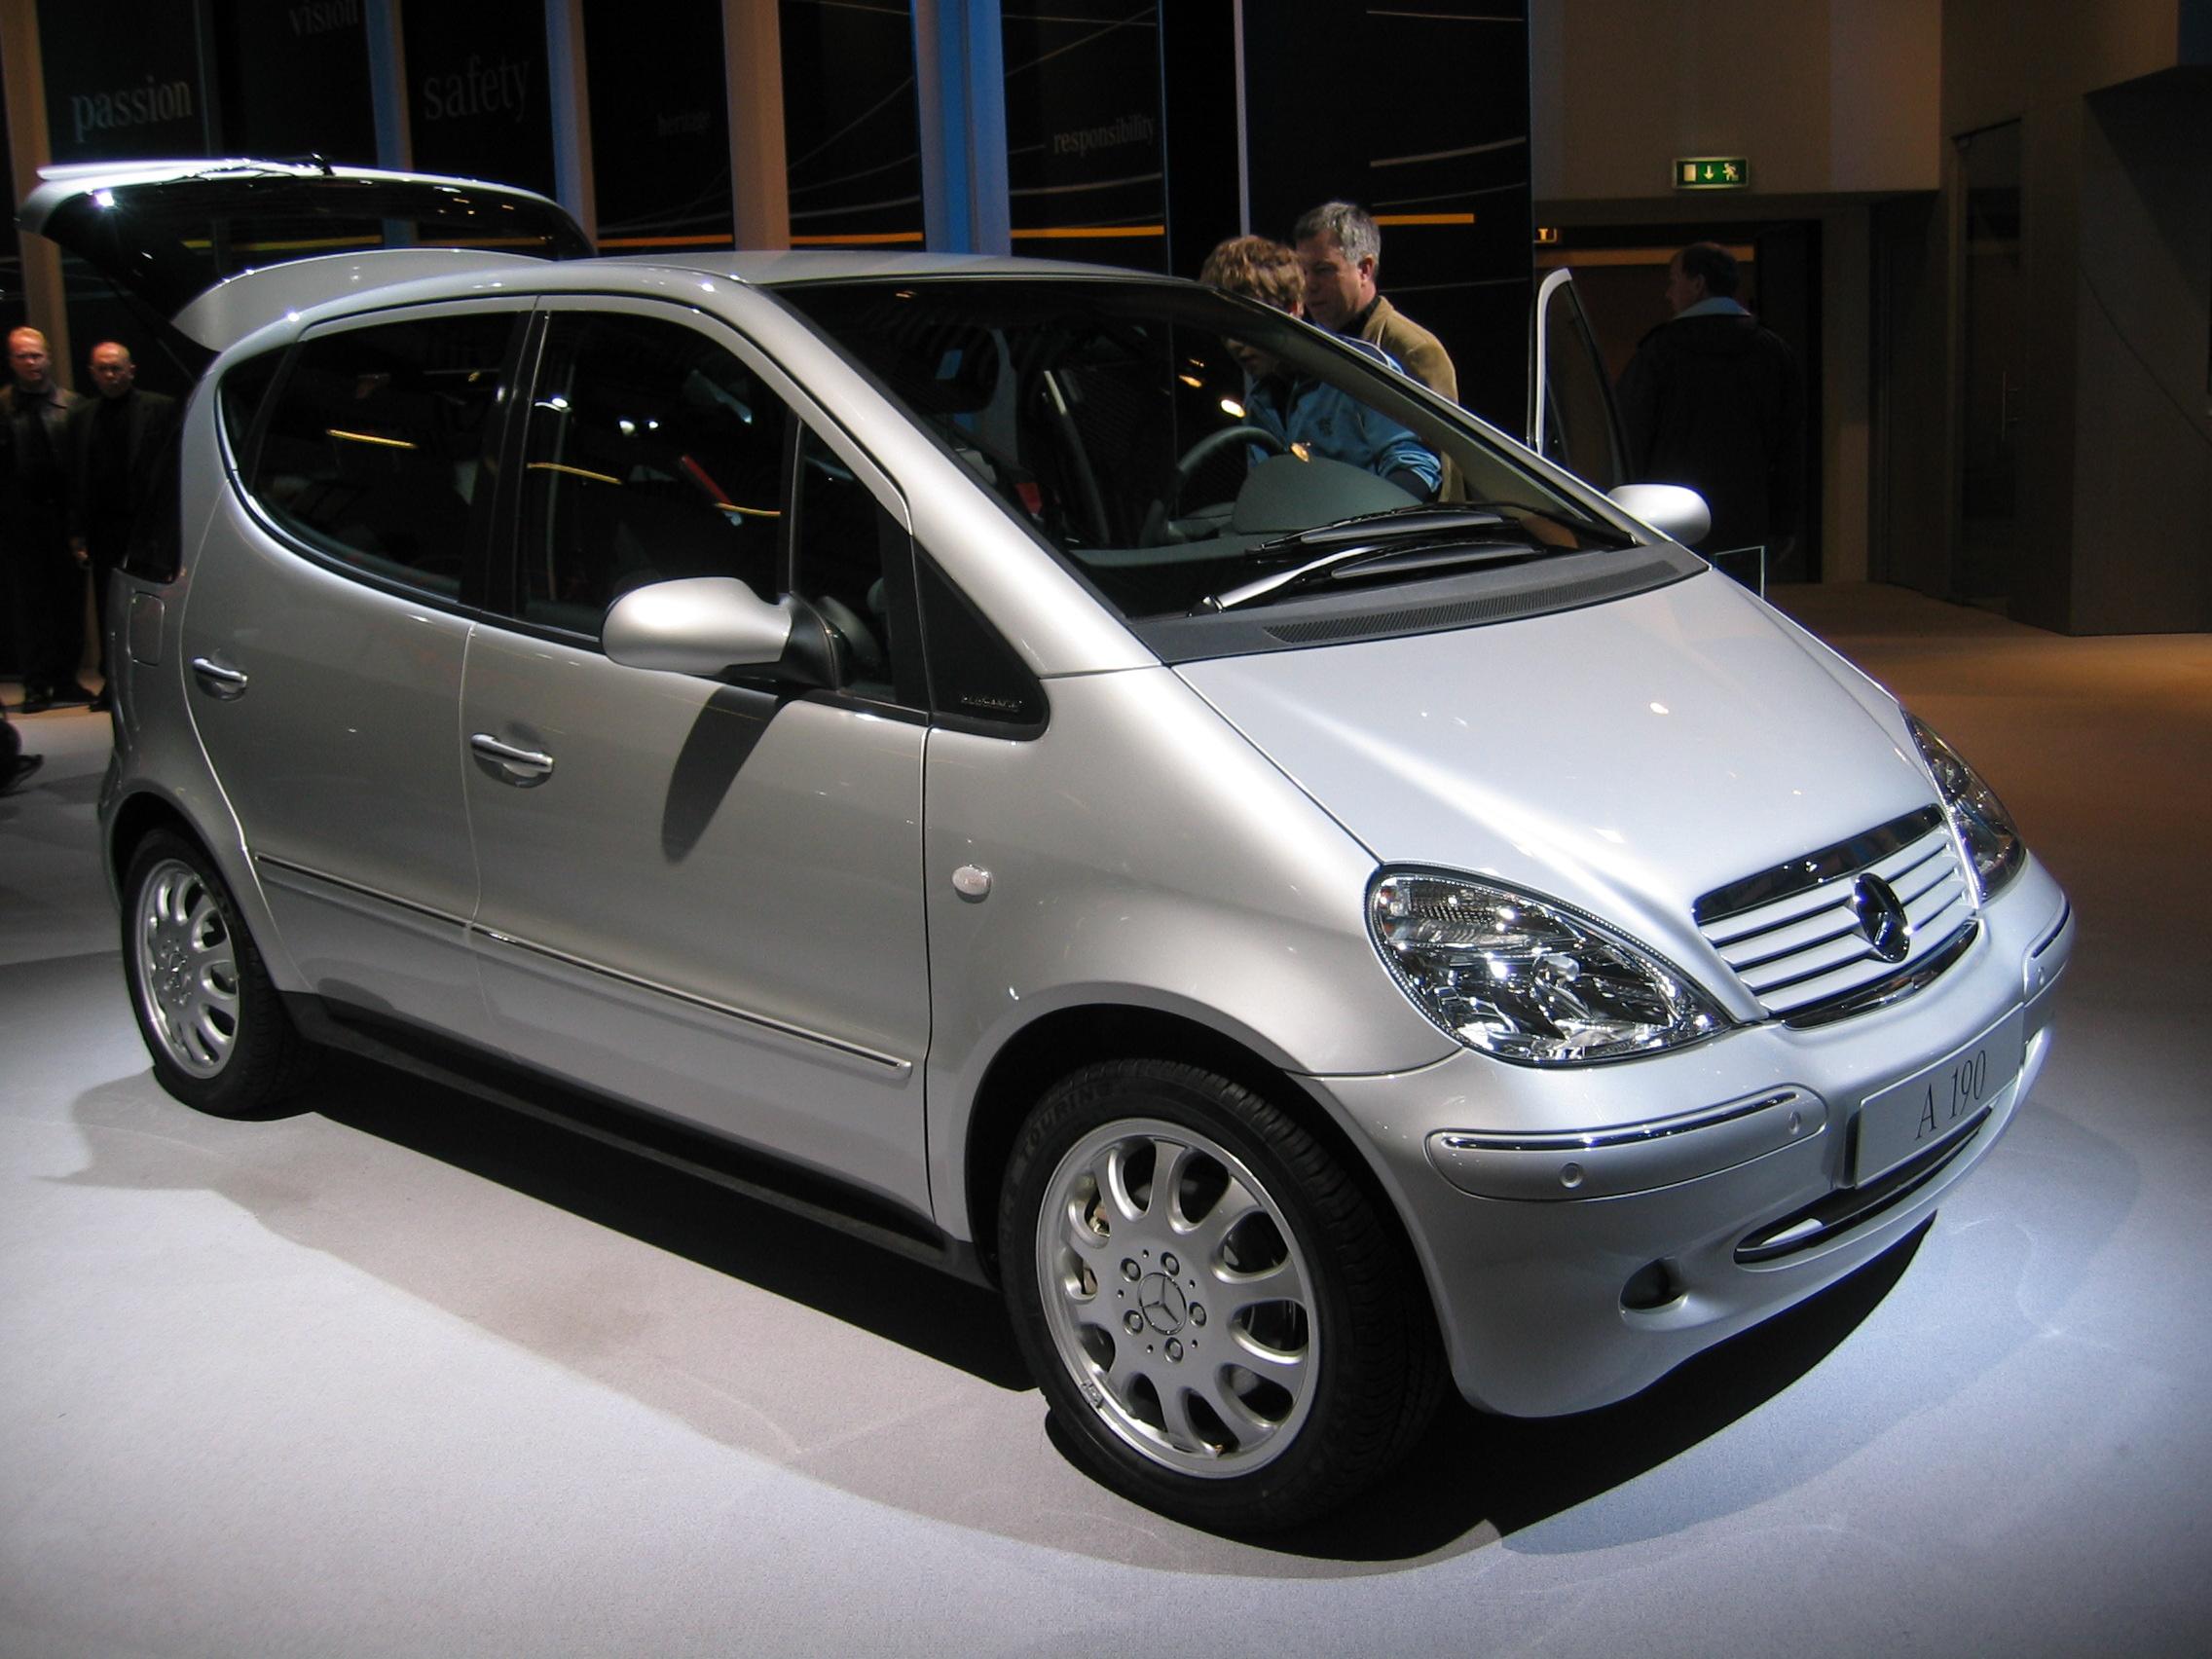 Mercedes Benz Classe A Type 168 Wikipedia